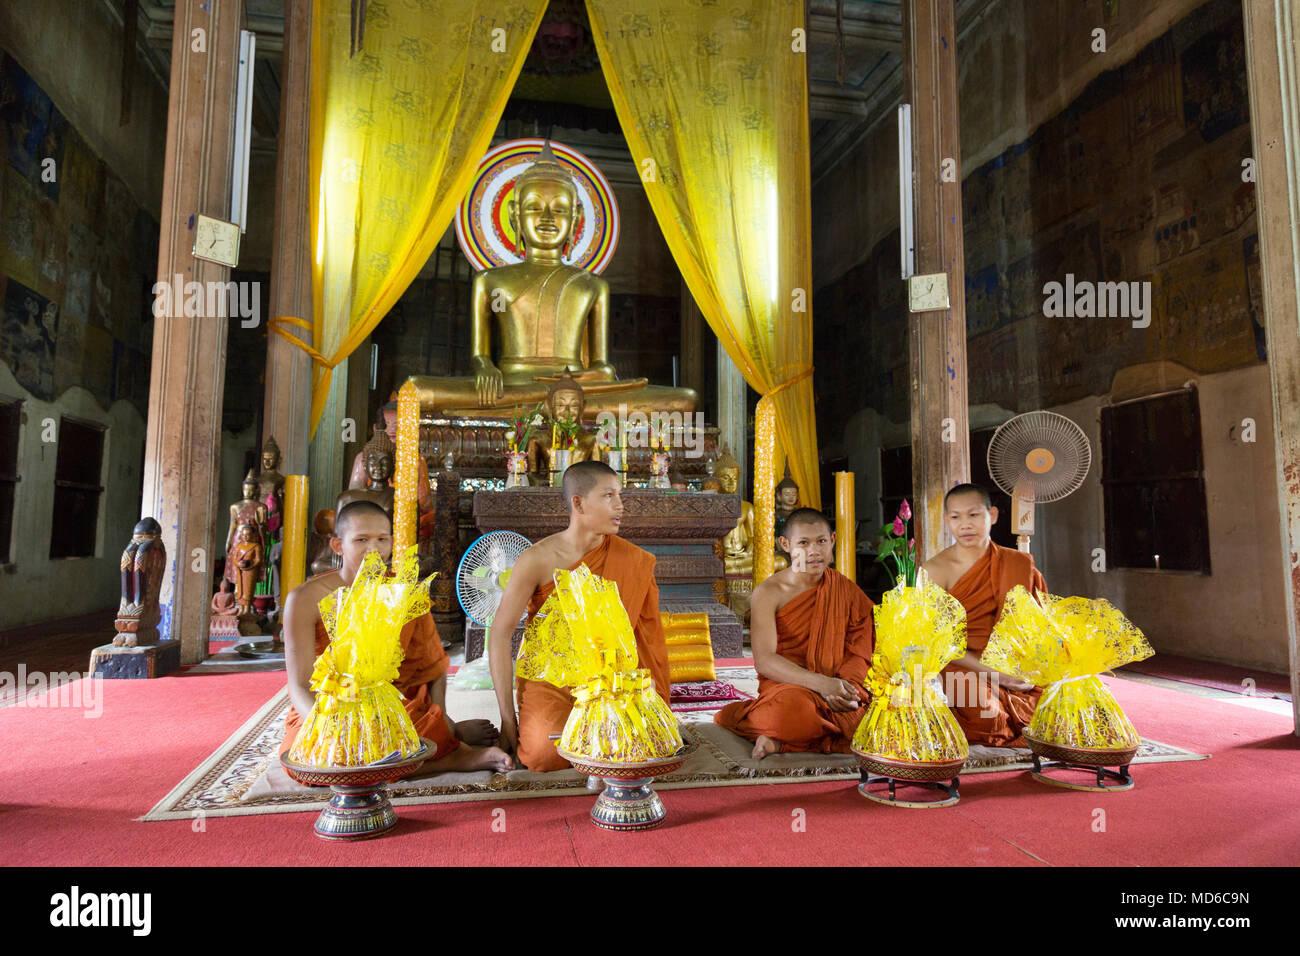 Cambogia monaci - quattro monaci buddisti durante un tempio cerimonia presso un santuario buddista, Siem Reap, Cambogia Asia Immagini Stock